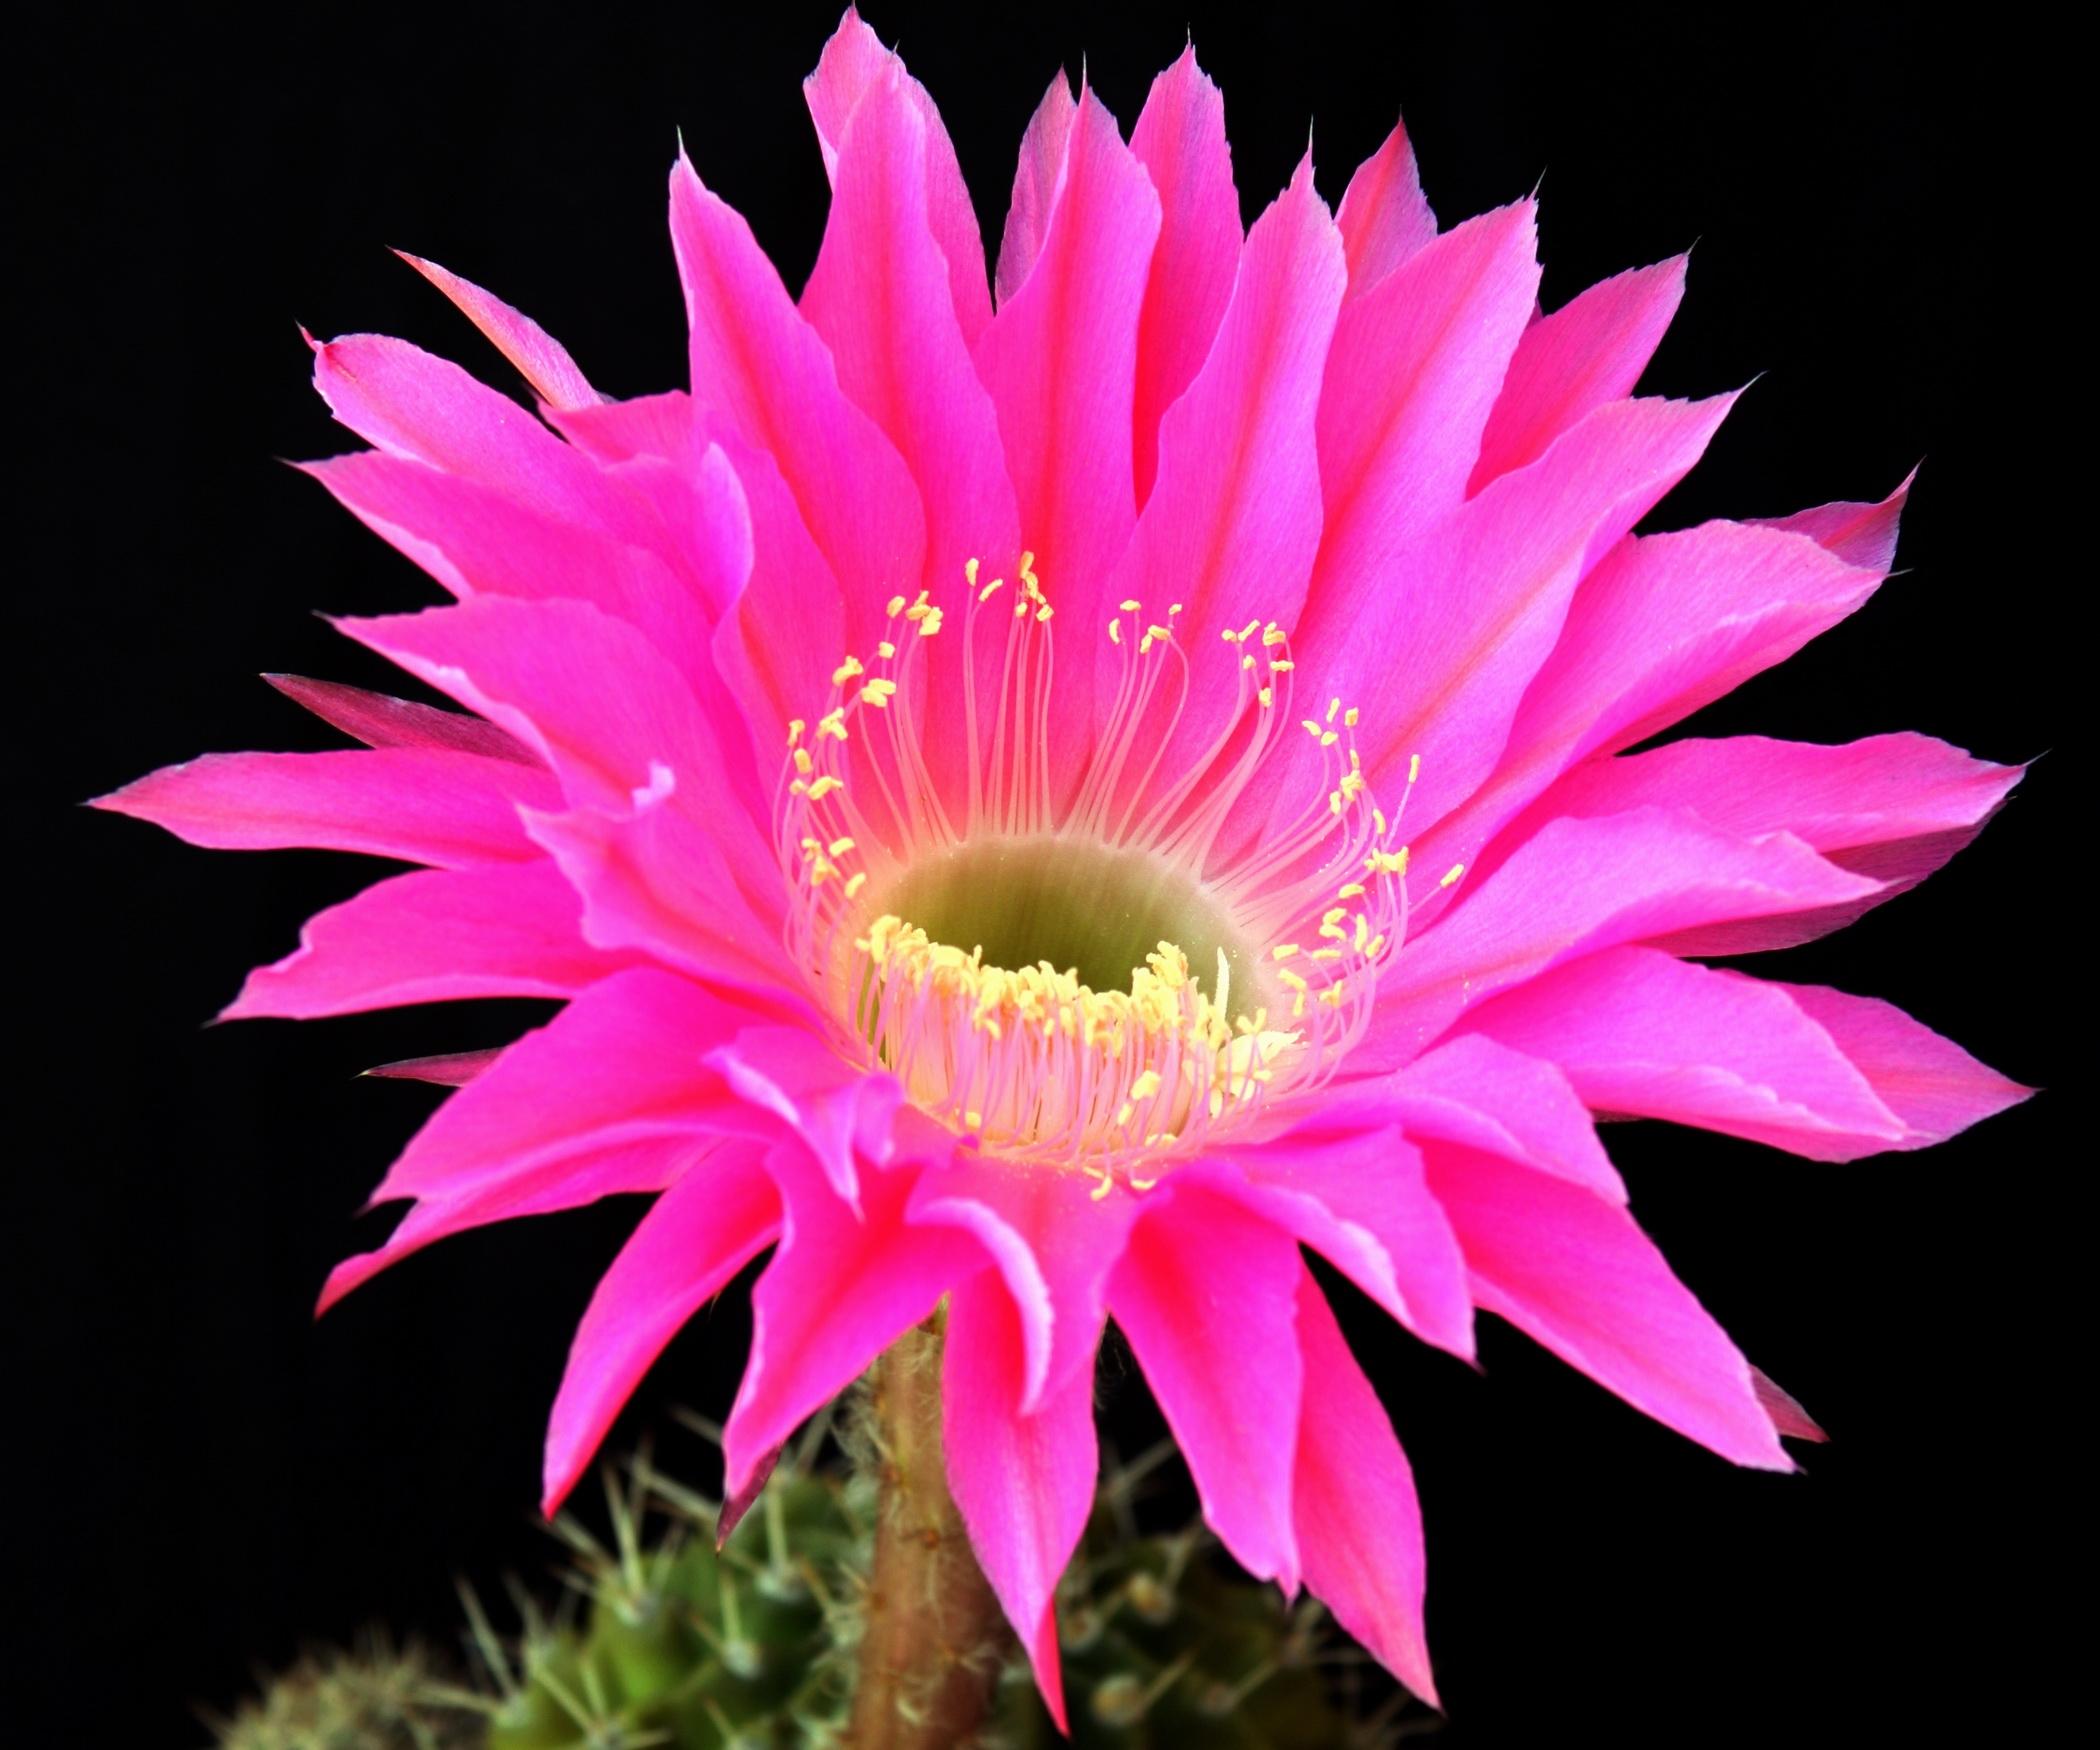 157712 скачать обои Цветы, Кактус, Цветок, Распустился, Фон - заставки и картинки бесплатно